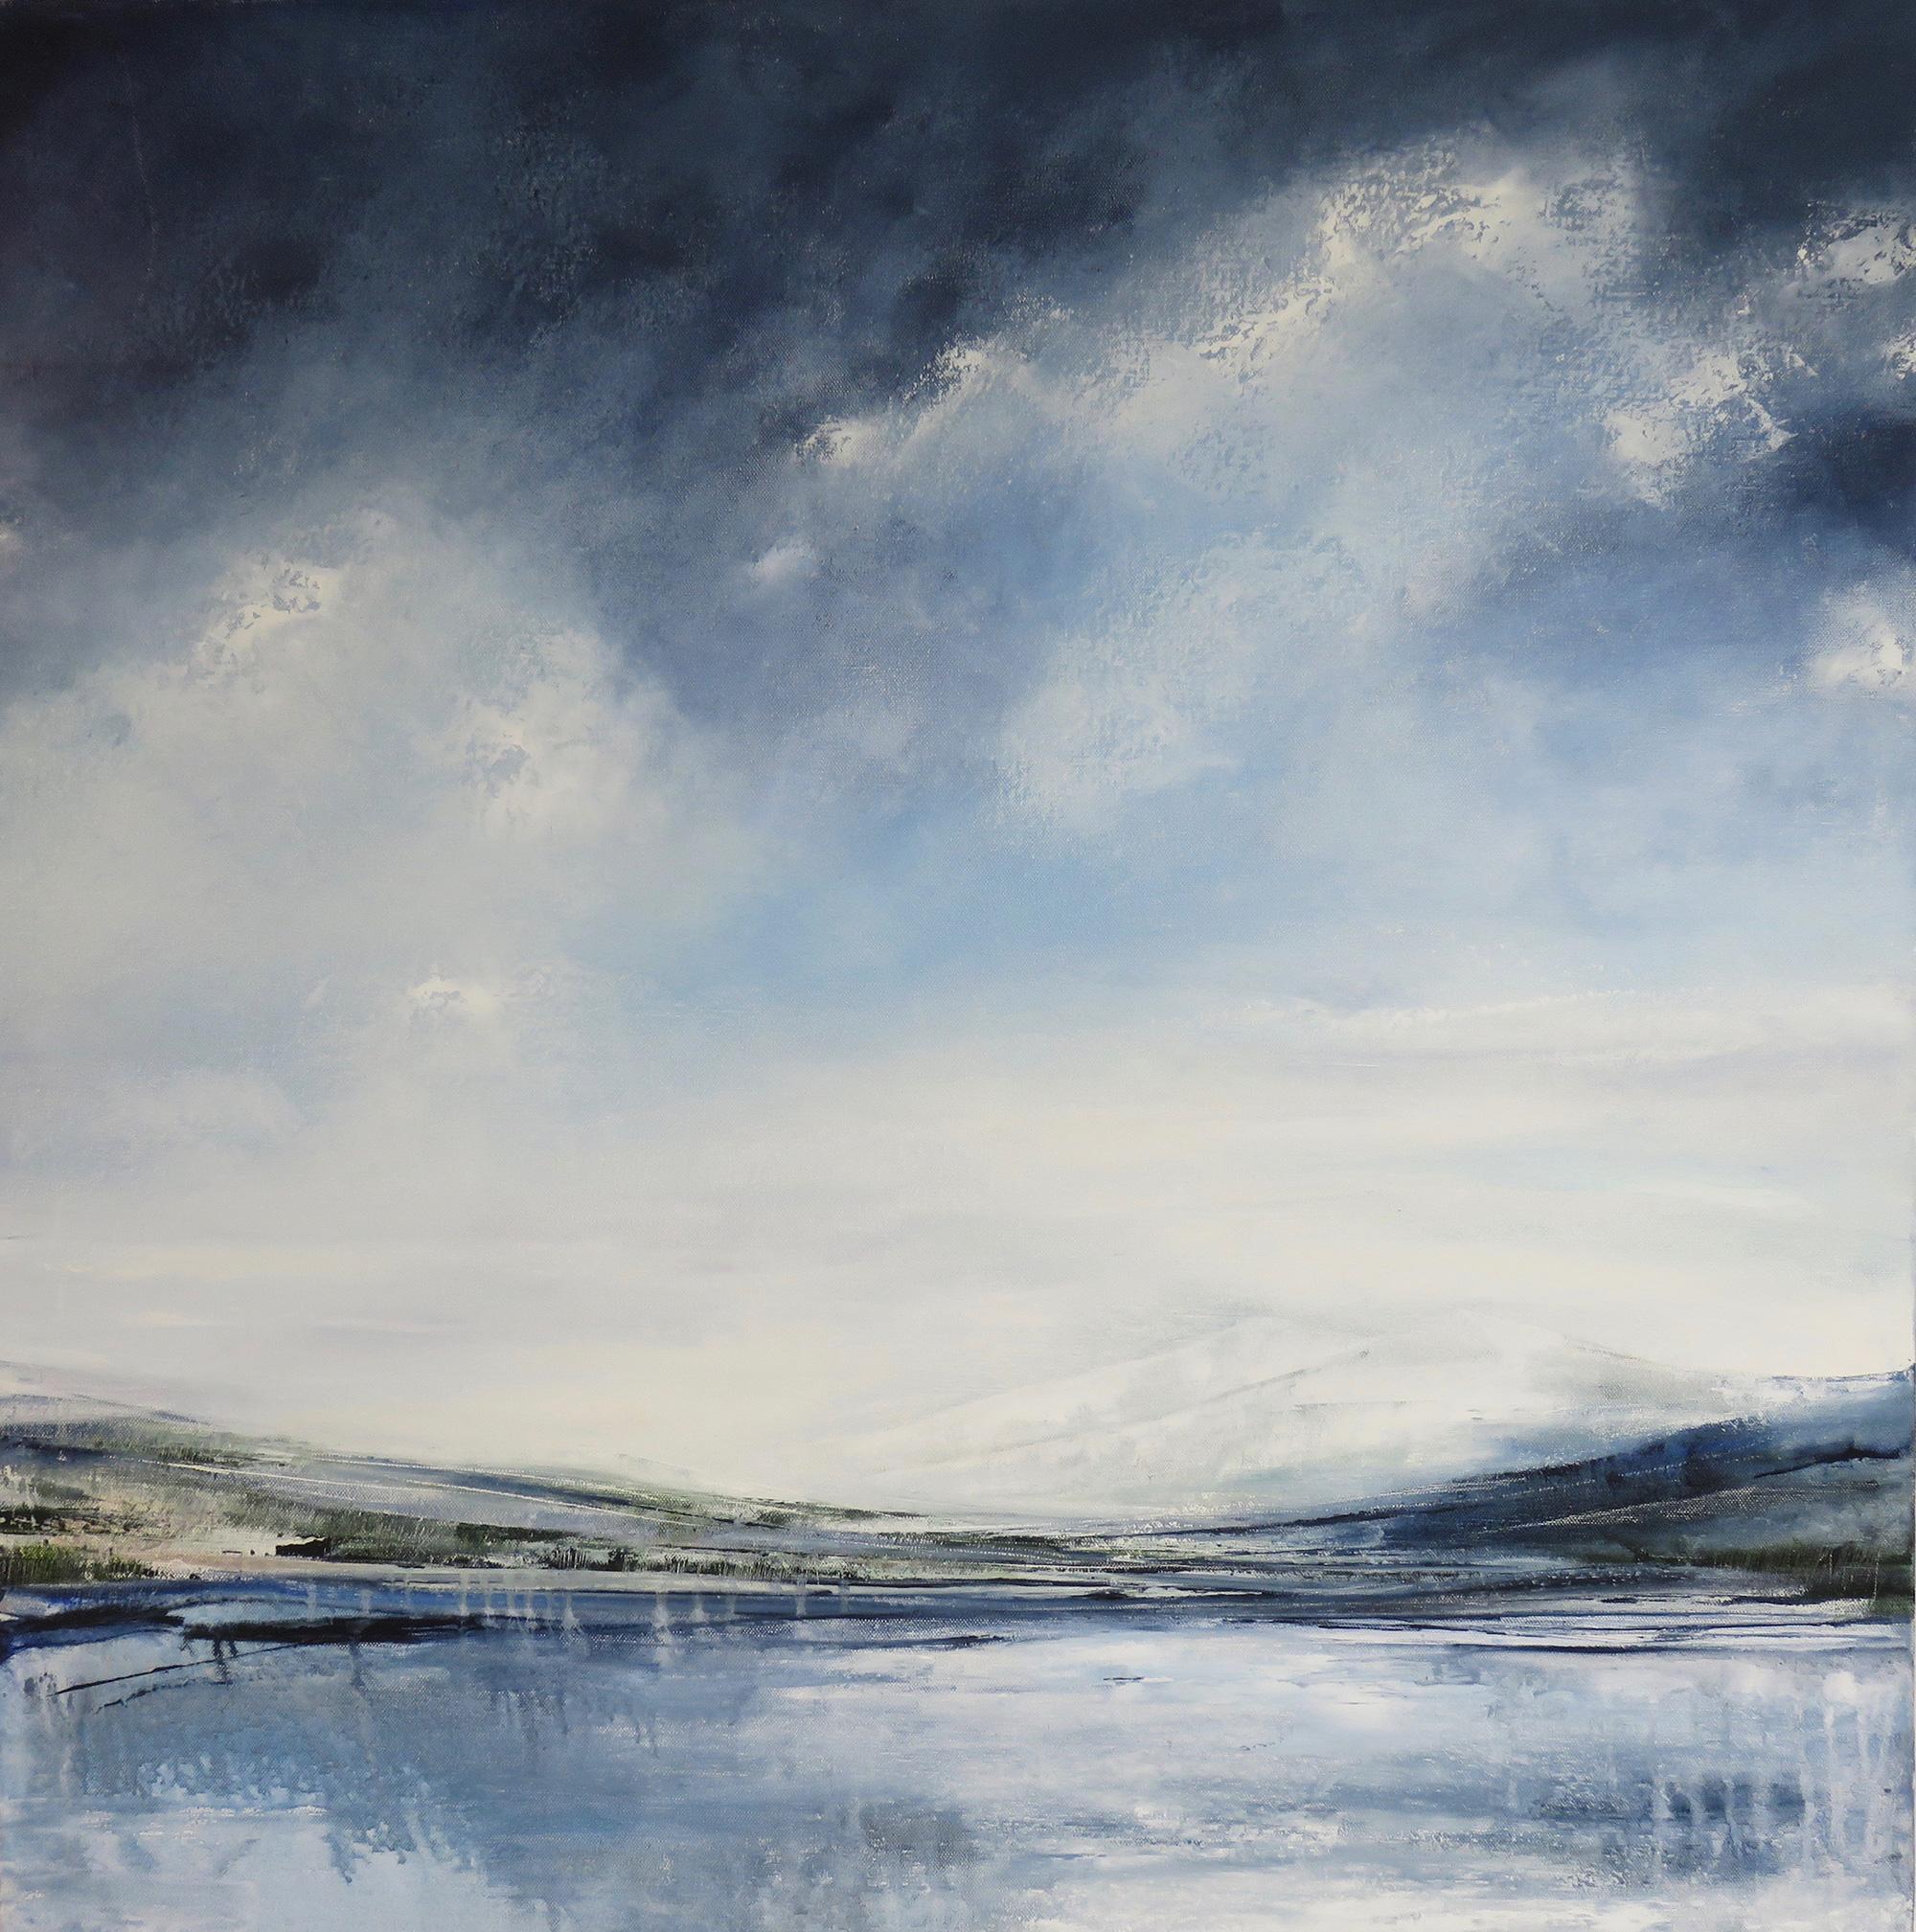 Loch Shin by Tess Armitage